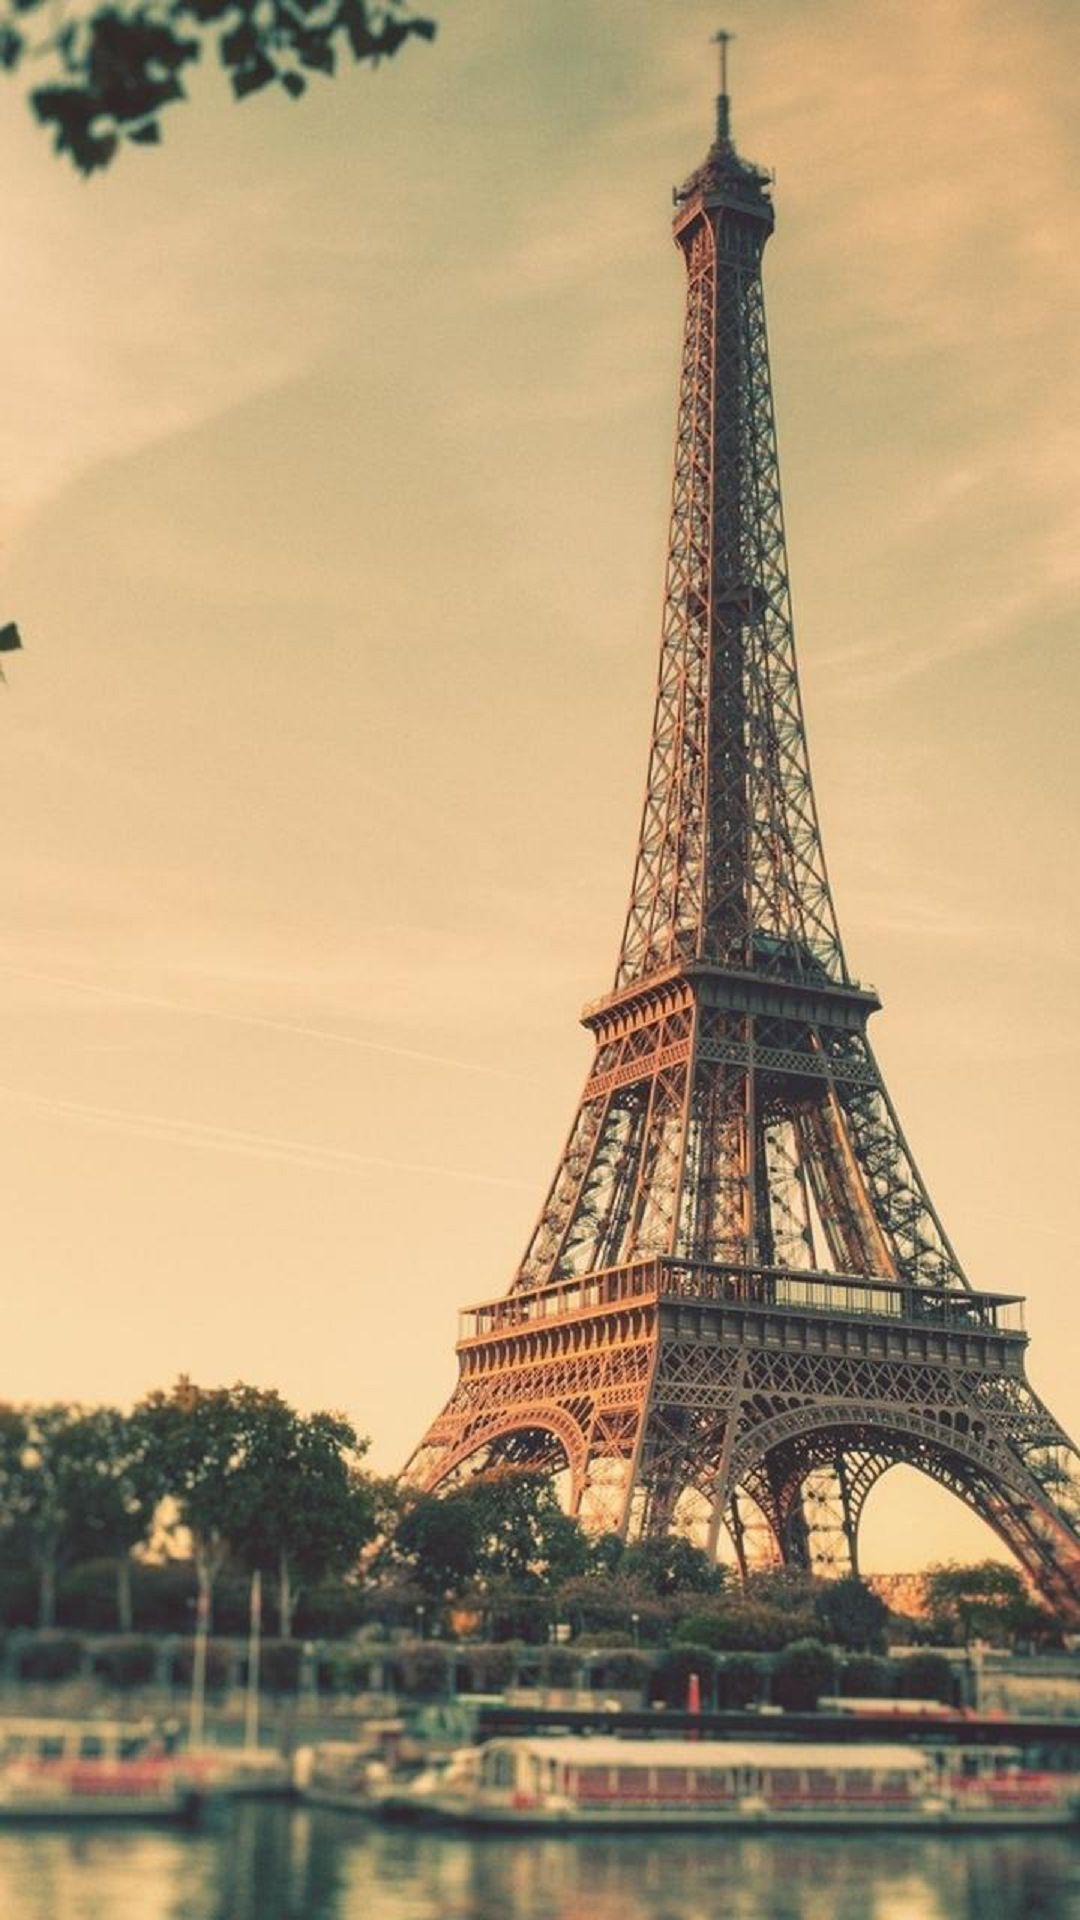 Eiffel Tower Paris Sunrise Tilt Shift